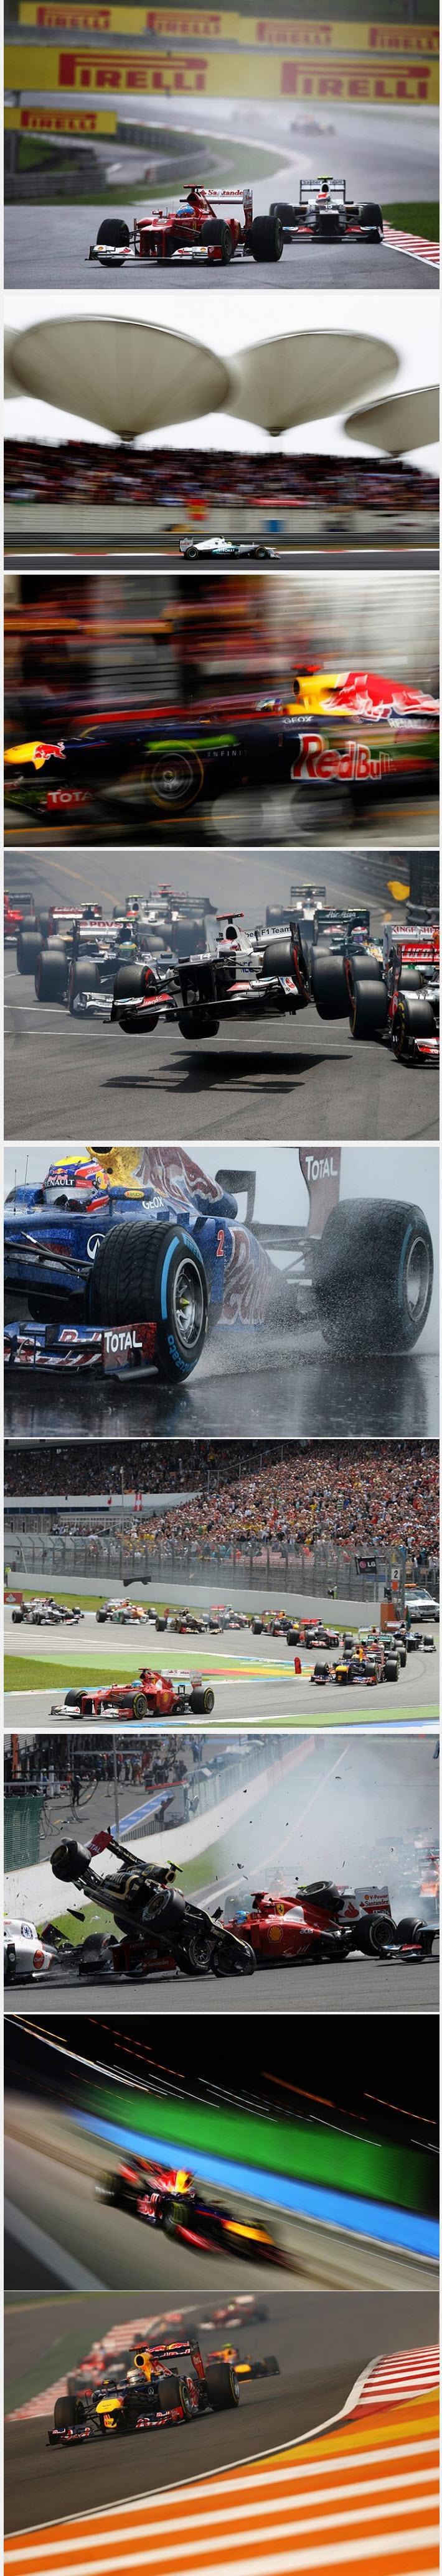 2012 Formula One season